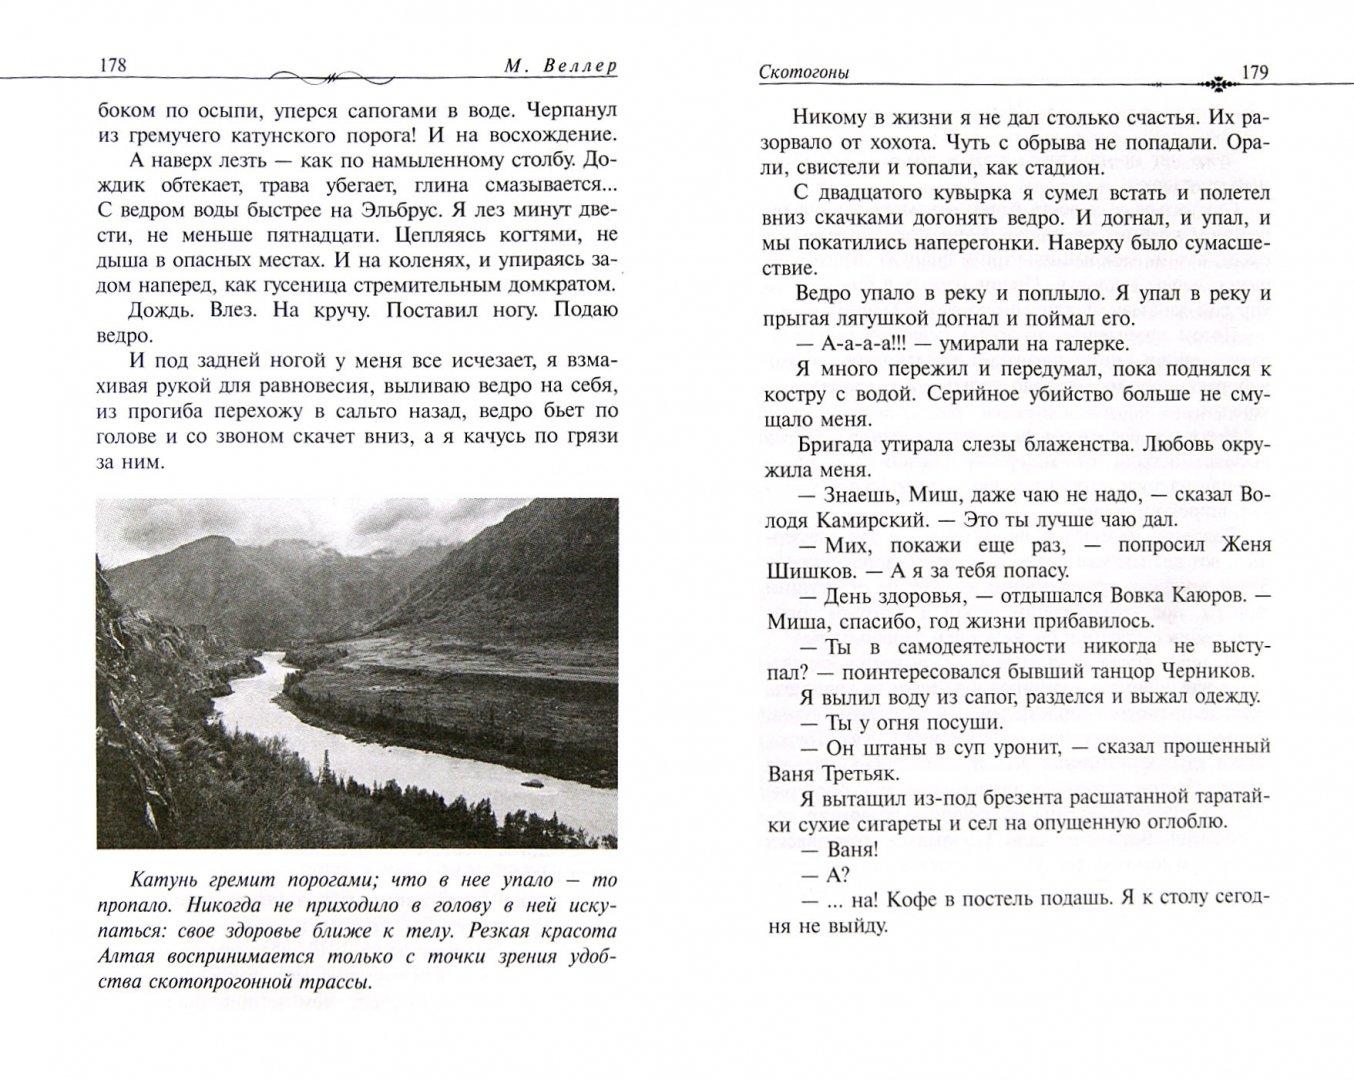 Иллюстрация 1 из 20 для Странник и его страна - Михаил Веллер   Лабиринт - книги. Источник: Лабиринт